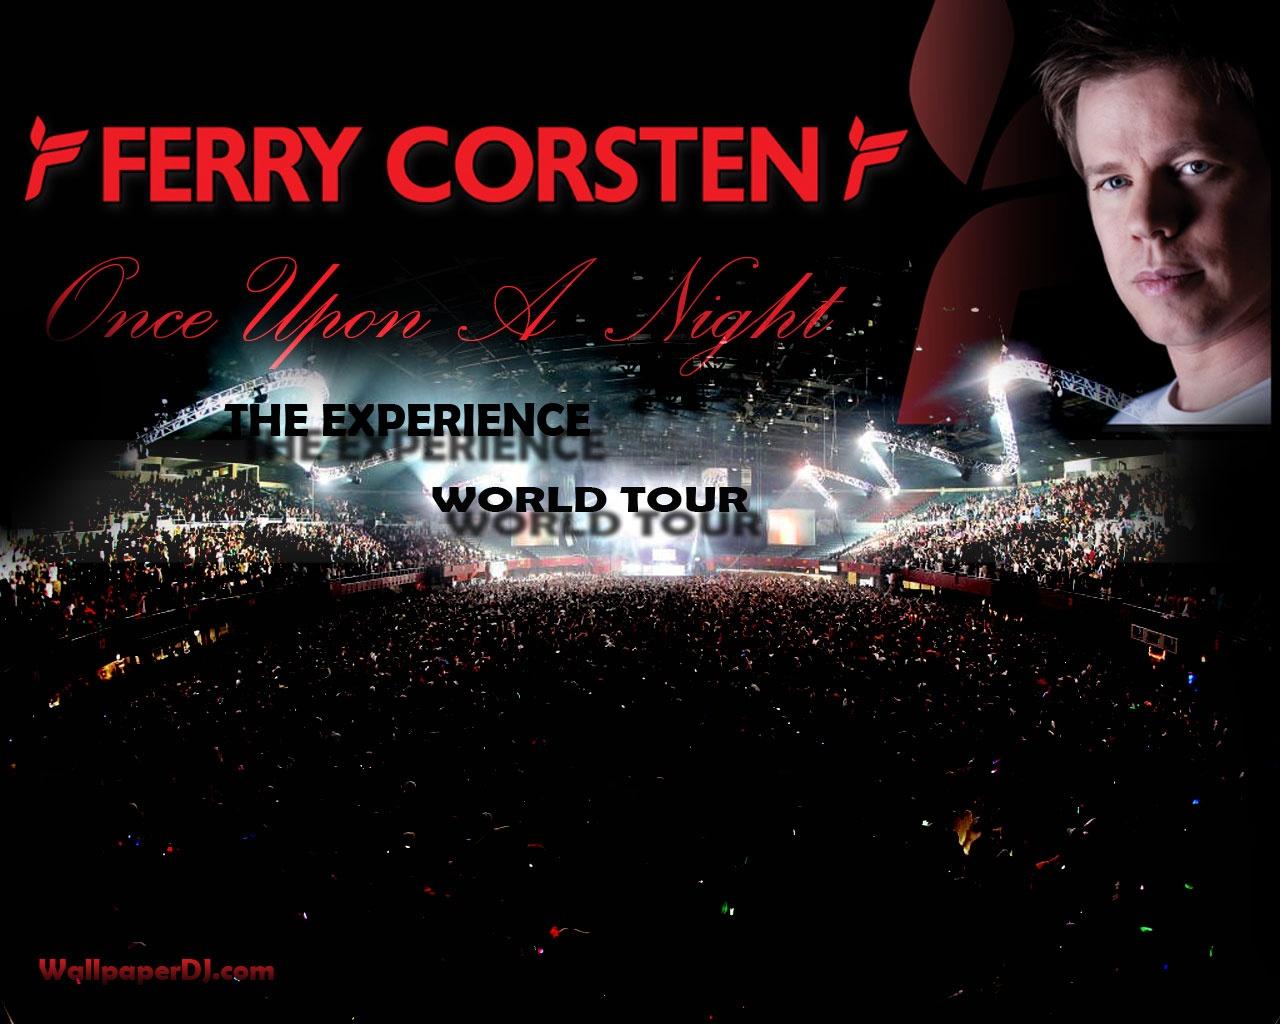 Ferry Corsten Tour